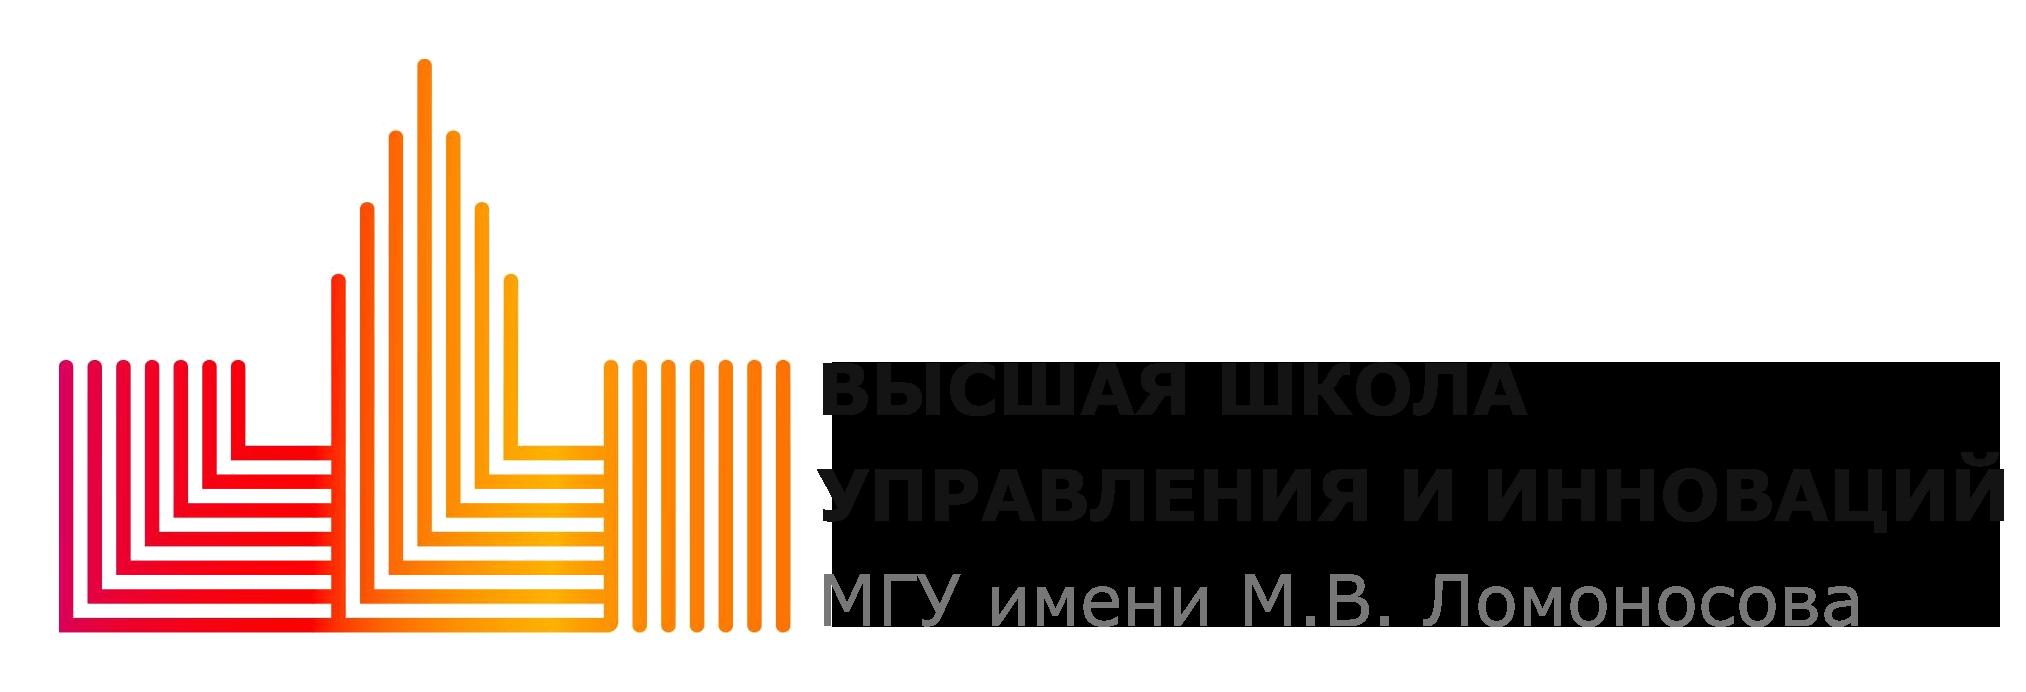 Универсиада «Ломоносов» по «Инноватике»